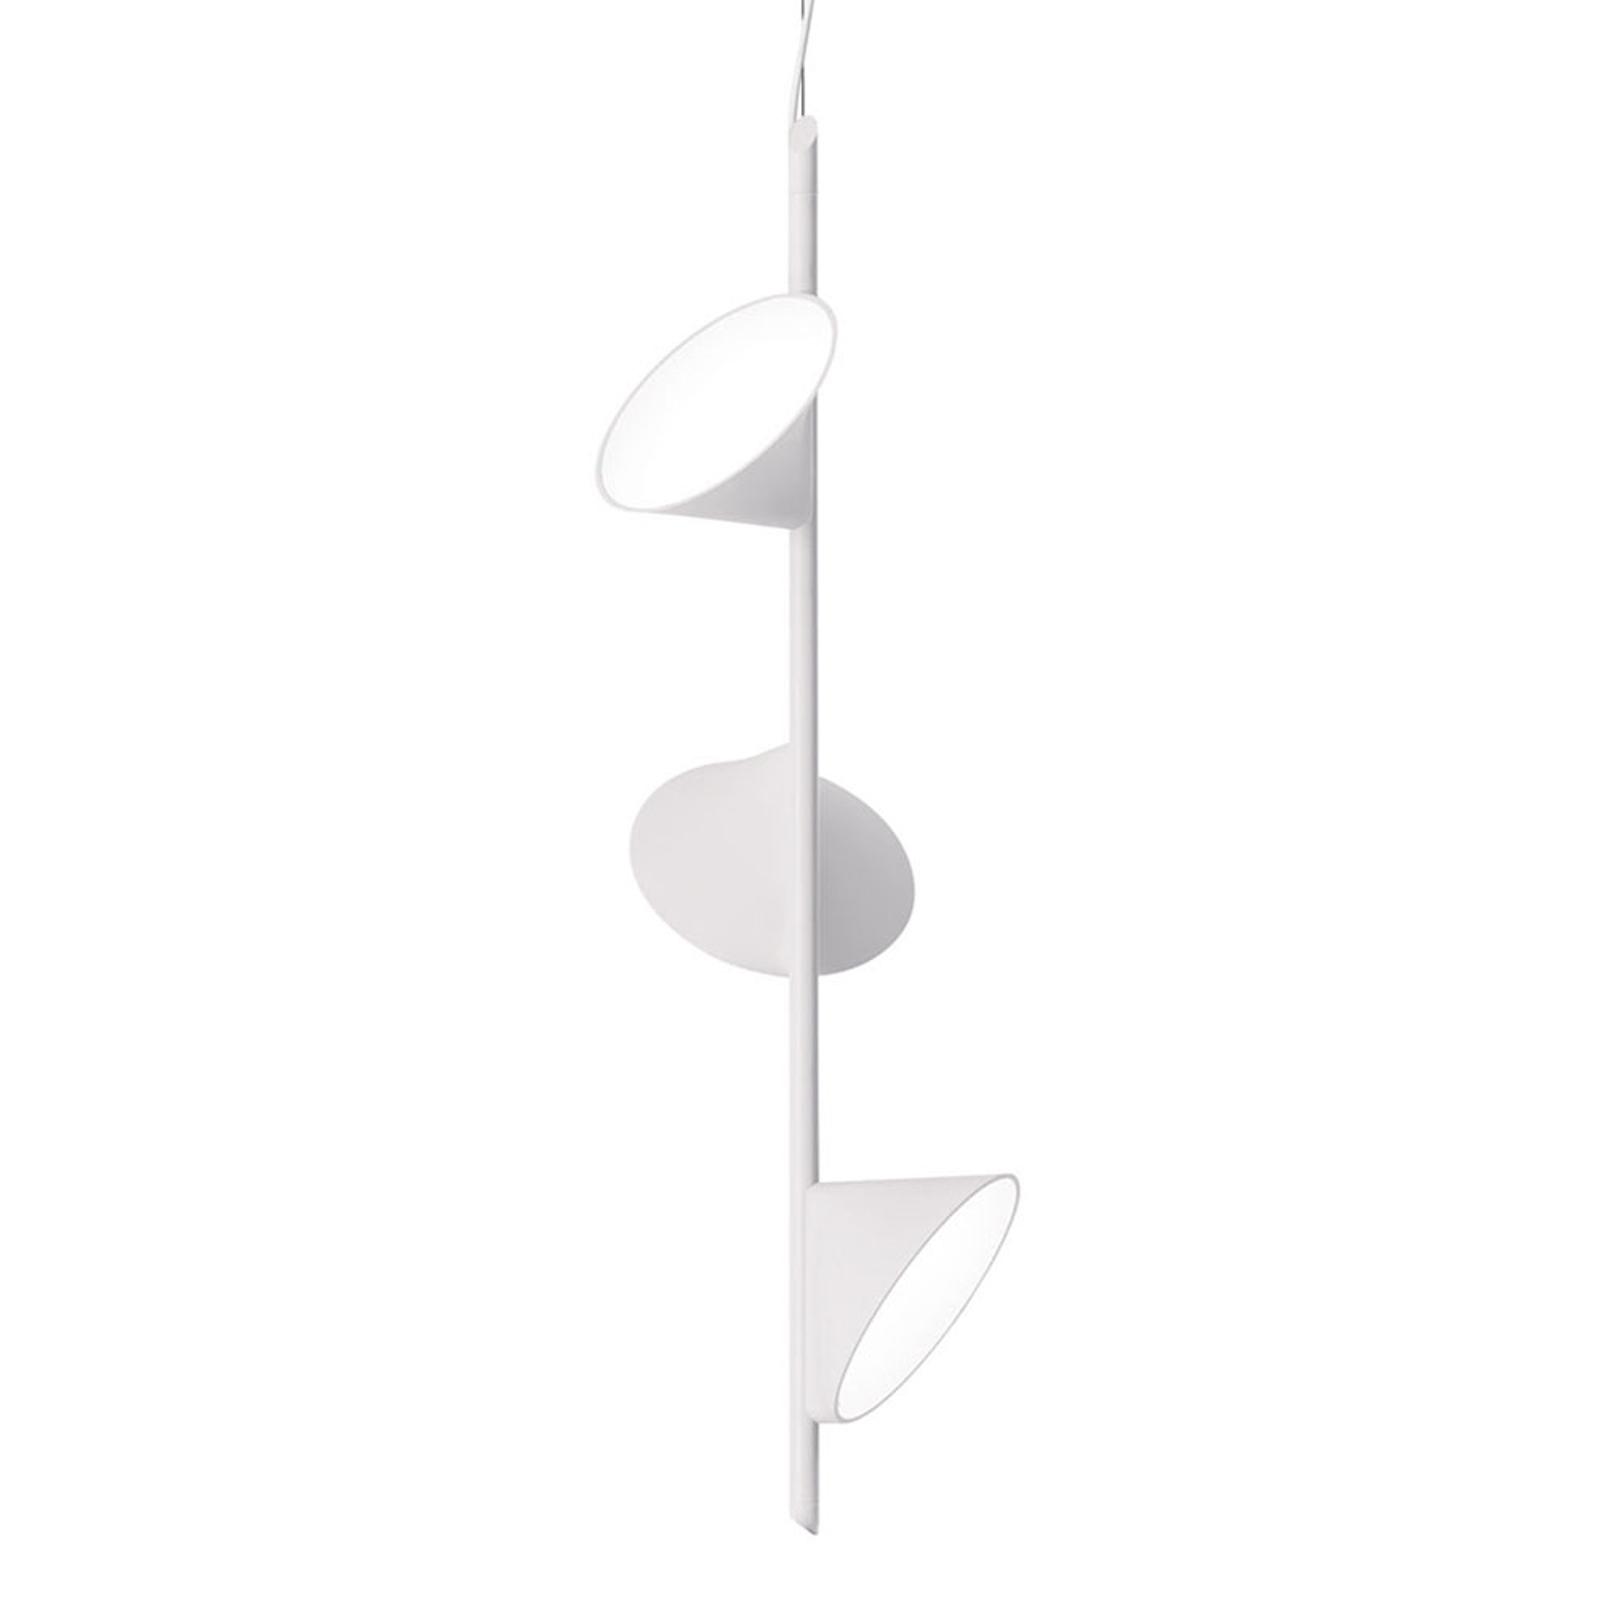 Axolight Orchid lampa wisząca LED 3-punktowa biała